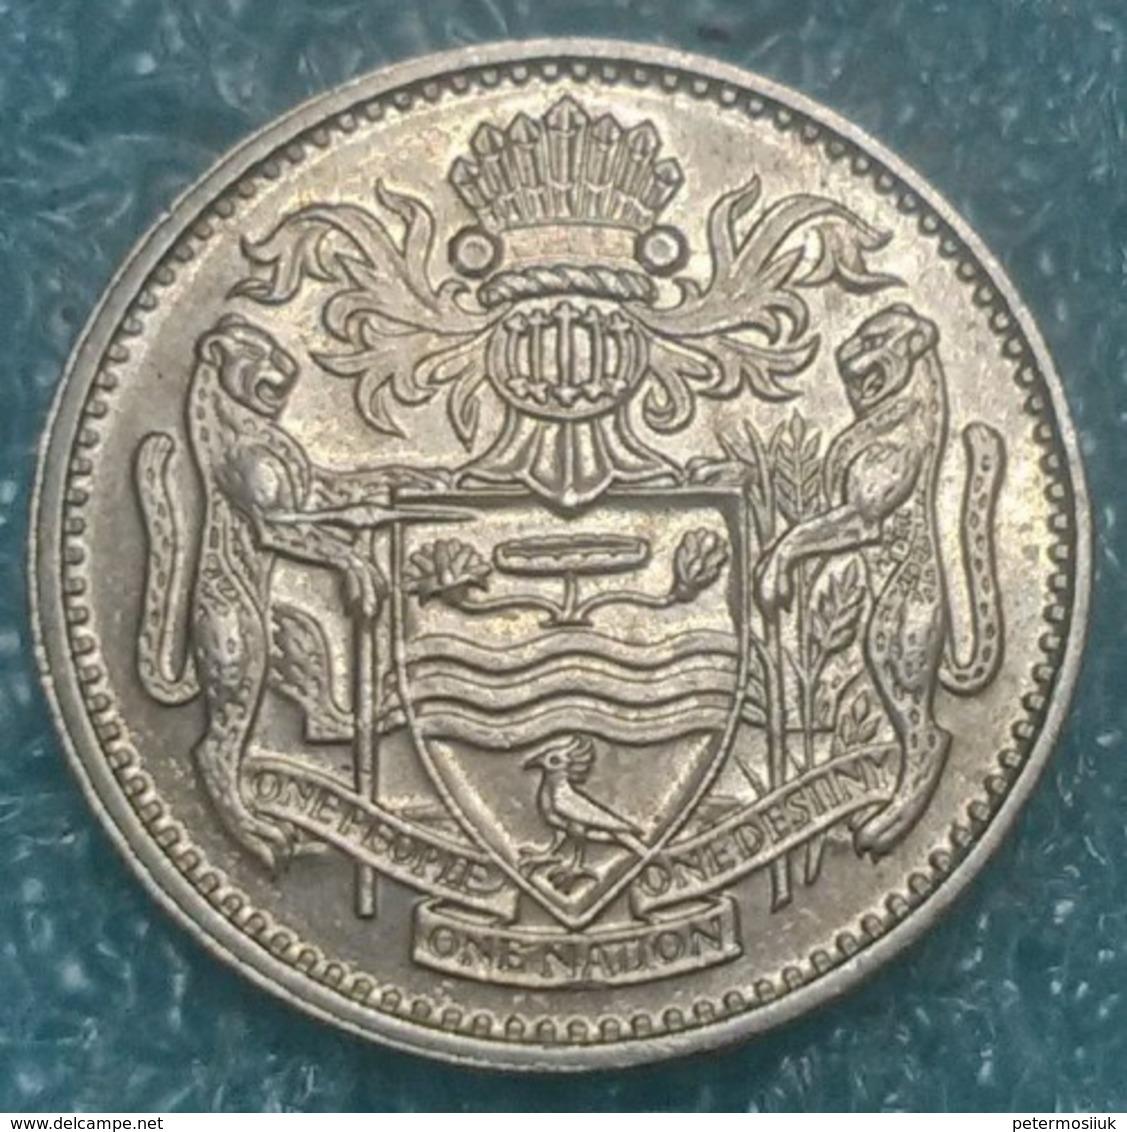 Guyana 25 Cents, 1986 -4113 - Guyana